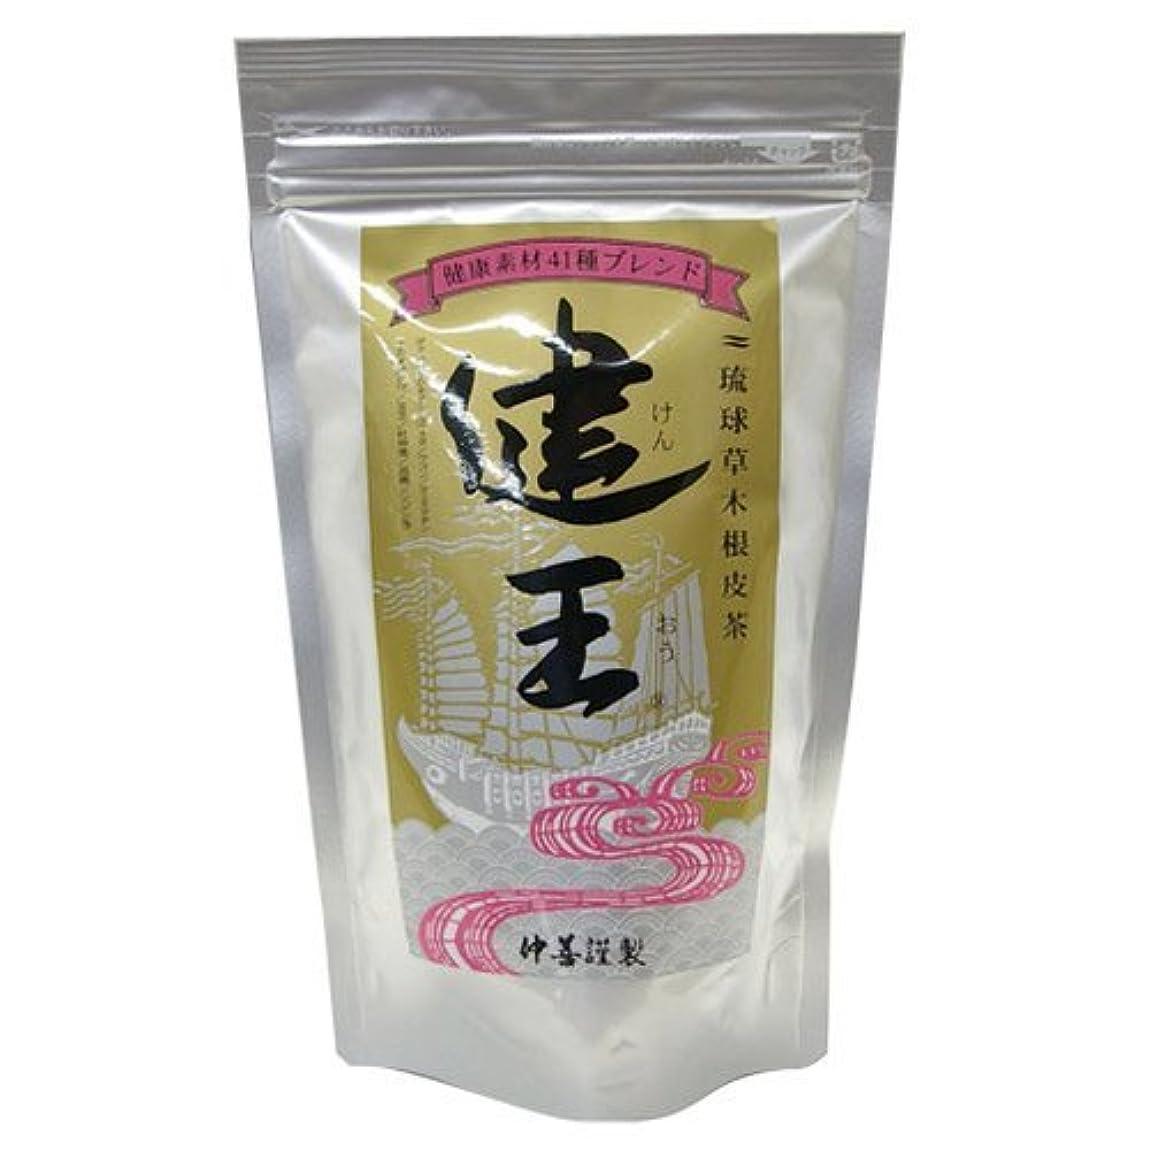 検出うんざり鳴らす琉球草木根皮茶 健王 ティーバッグ 2g×30包